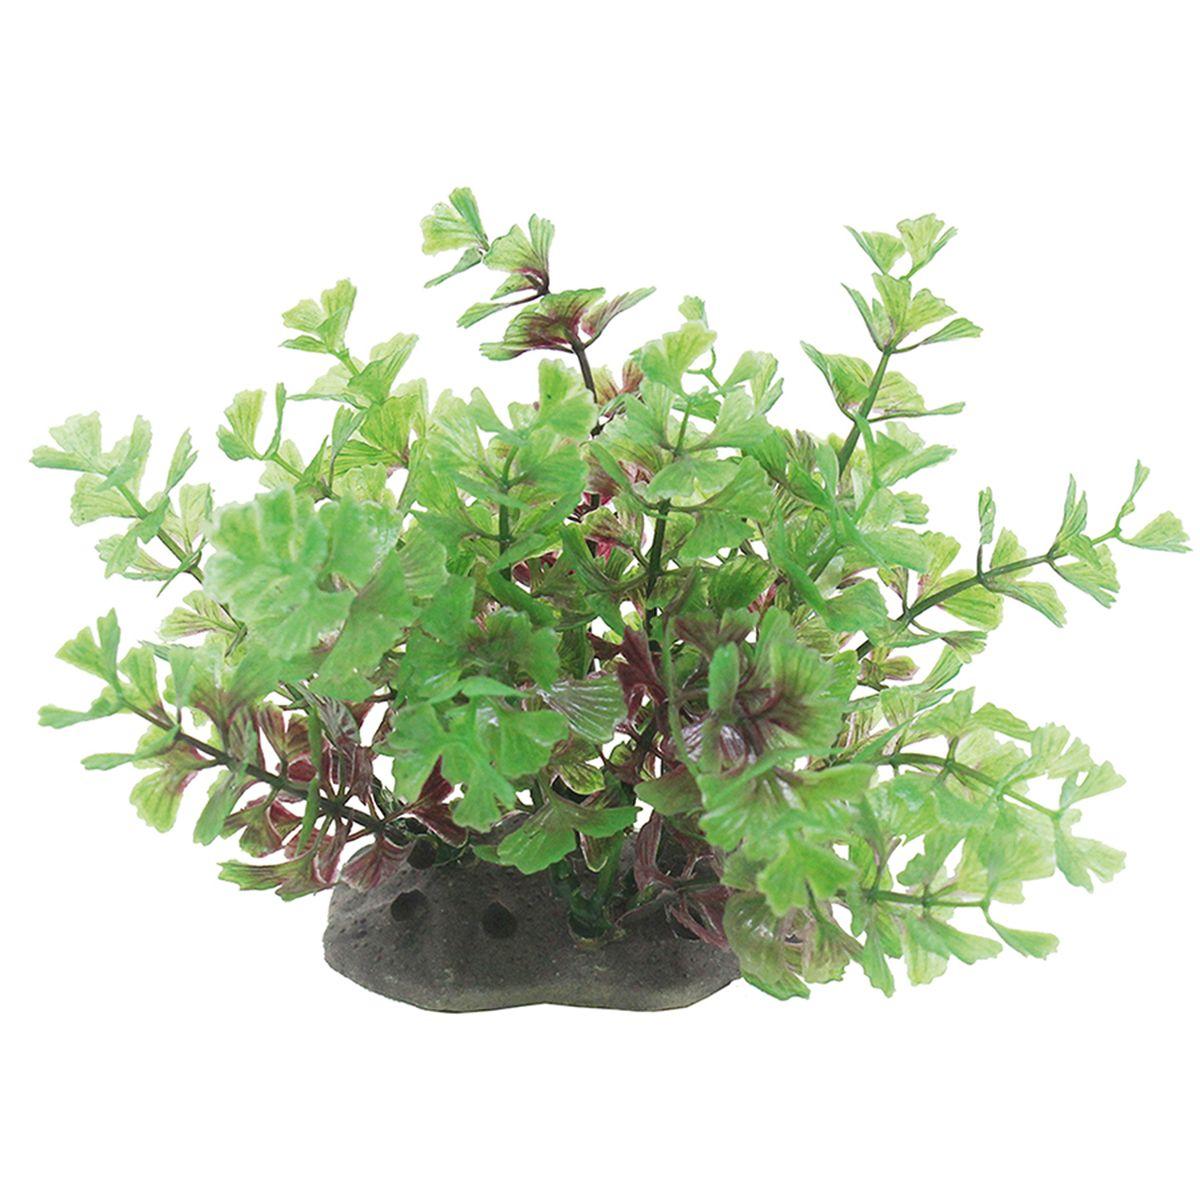 Растение для аквариума ArtUniq Кариота, высота 10-12 смART-1192113Растение для аквариума ArtUniq Кариота, высота 10-12 см